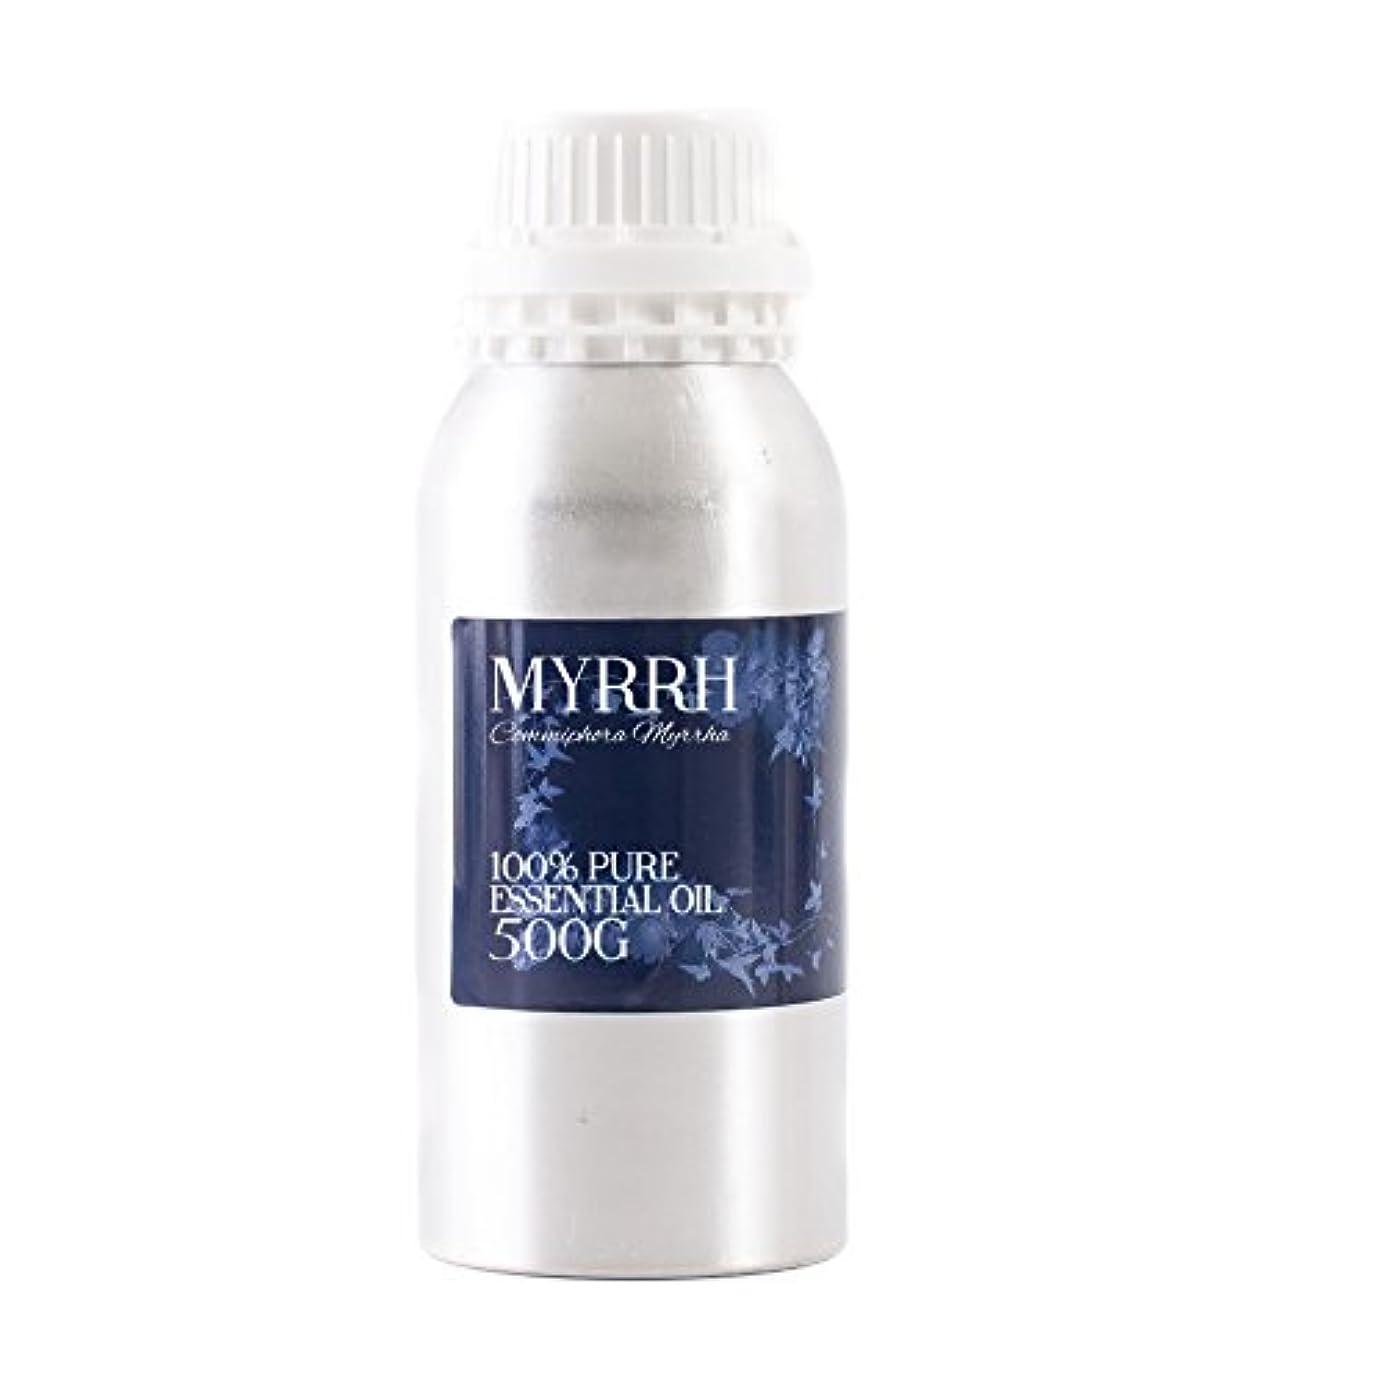 ダーツ信者メインMystic Moments | Myrrh Essential Oil - 500g - 100% Pure